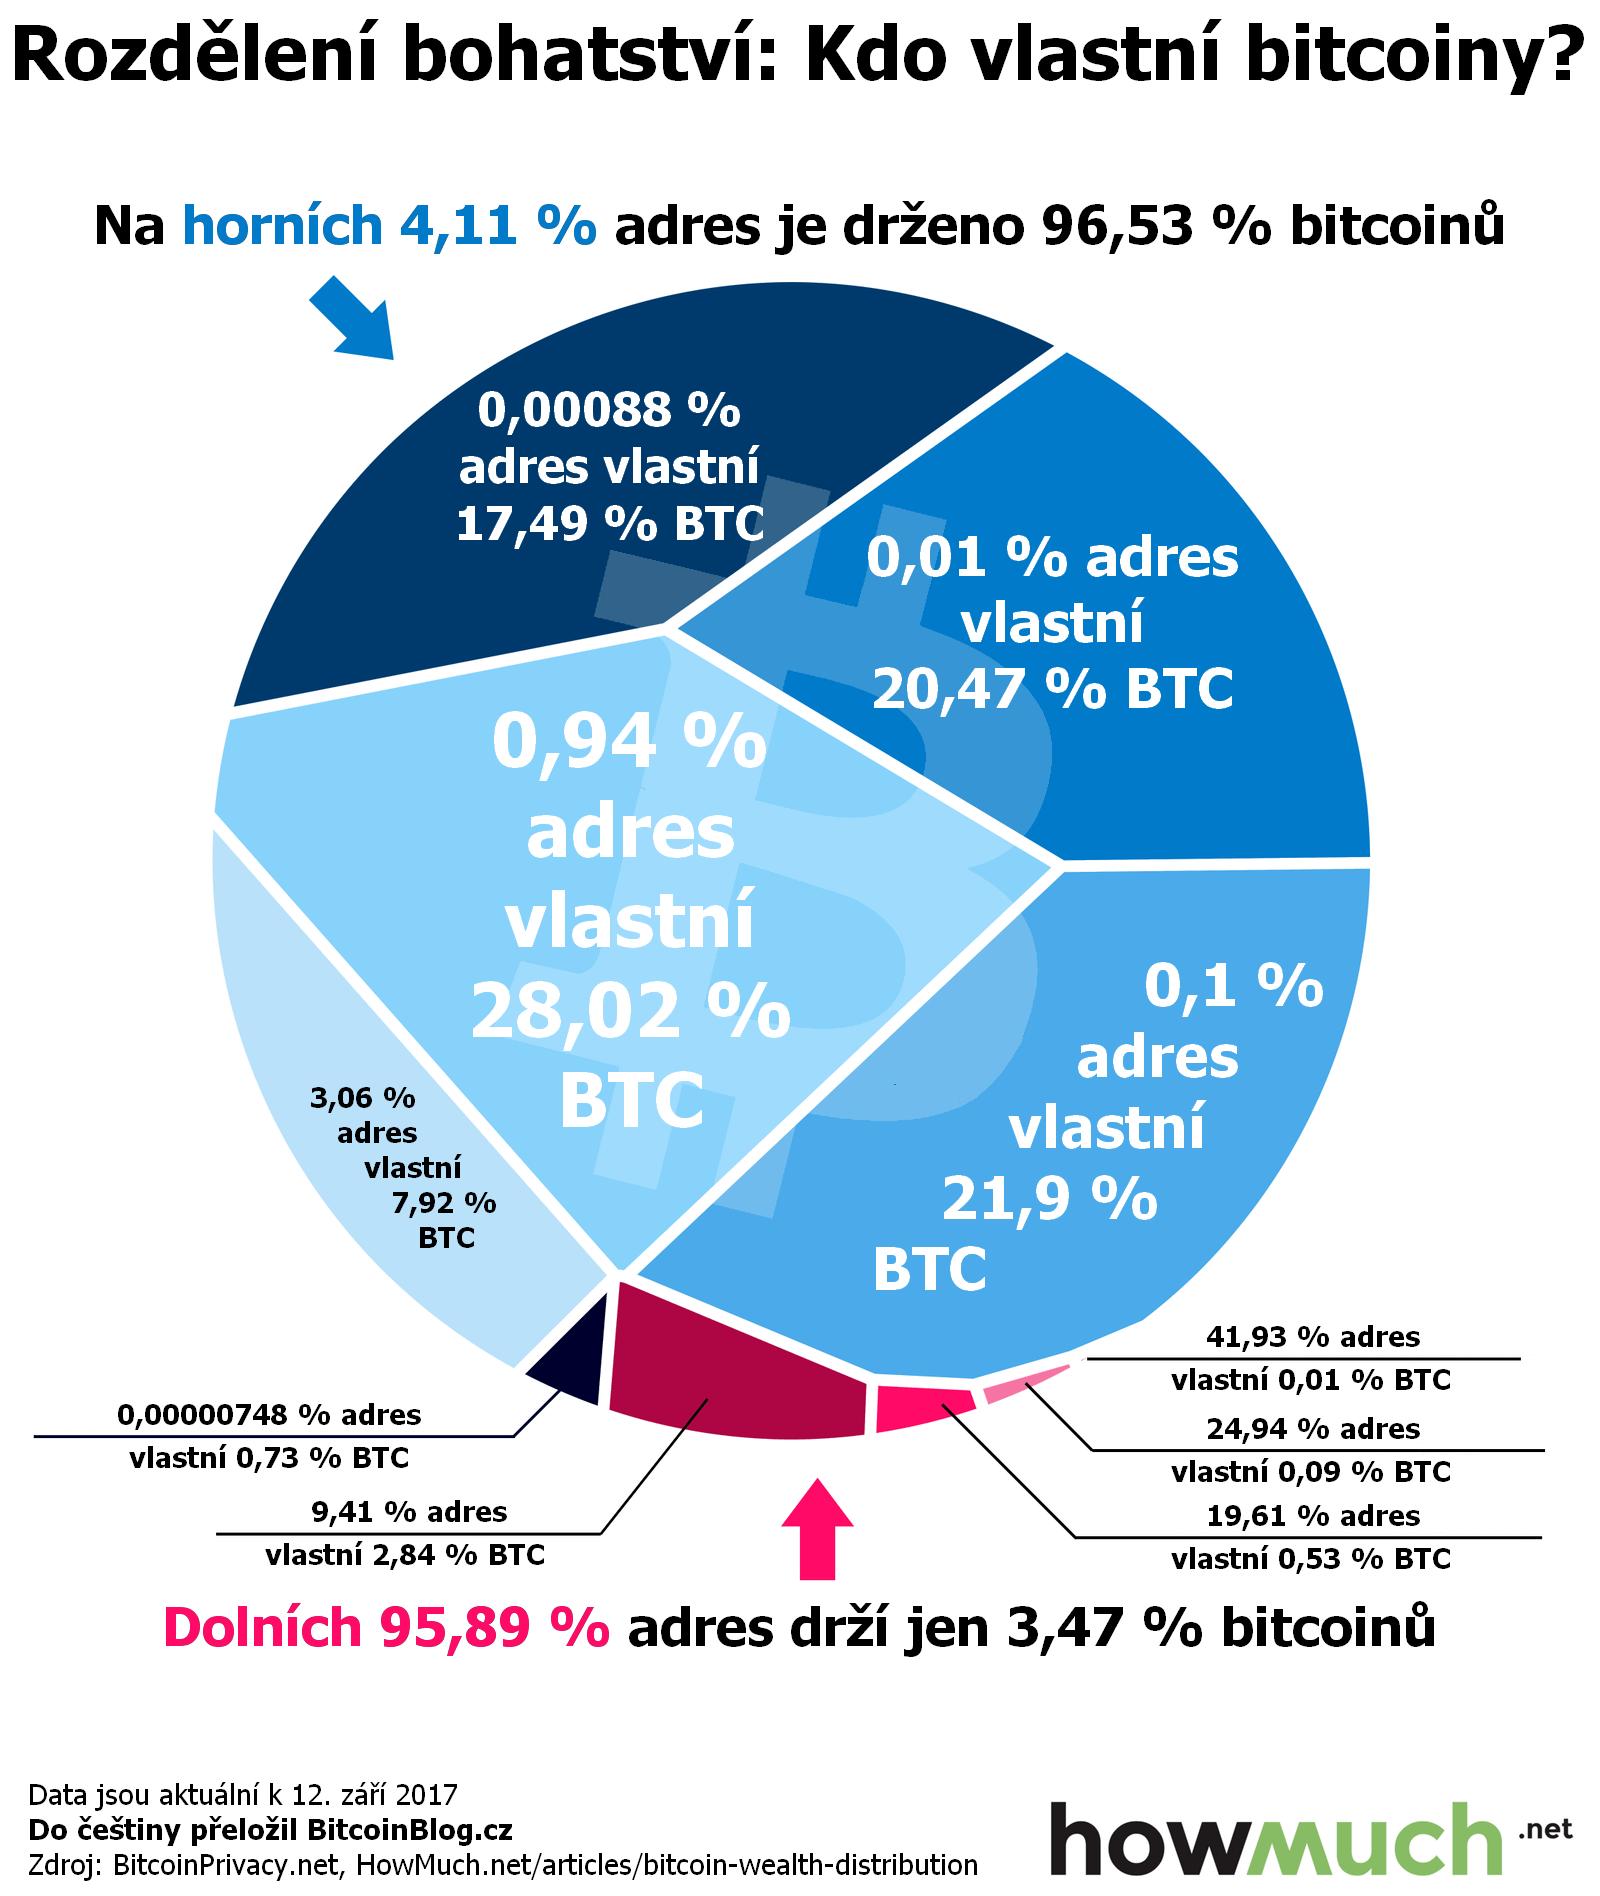 Infografika ukazuje rozdělení bohatství u BTC, aneb kdo vlastně vlastní ty bitcoiny?